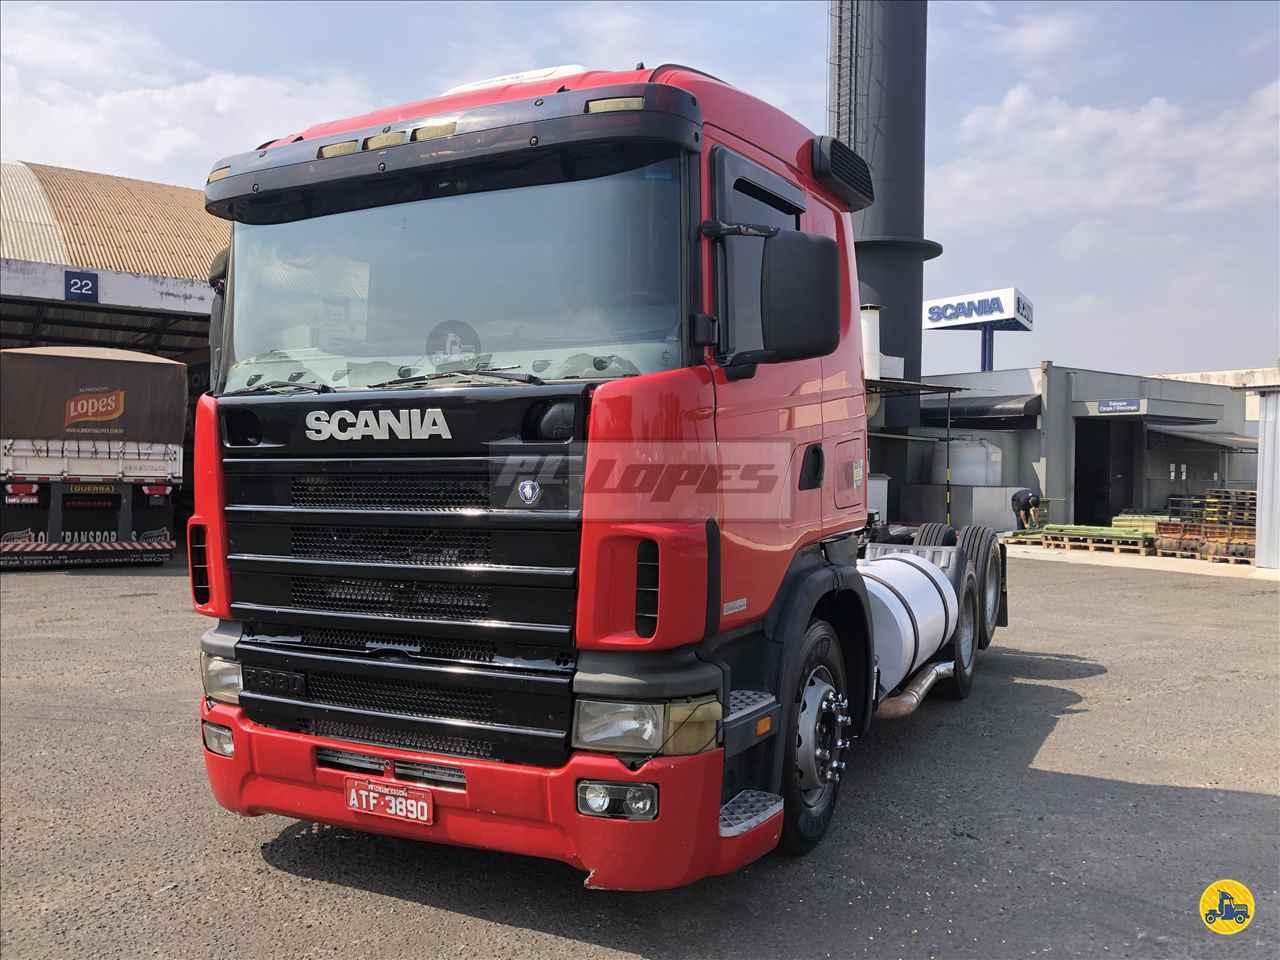 SCANIA 114 380 de P.B. Lopes - Scania - MARINGA/PR